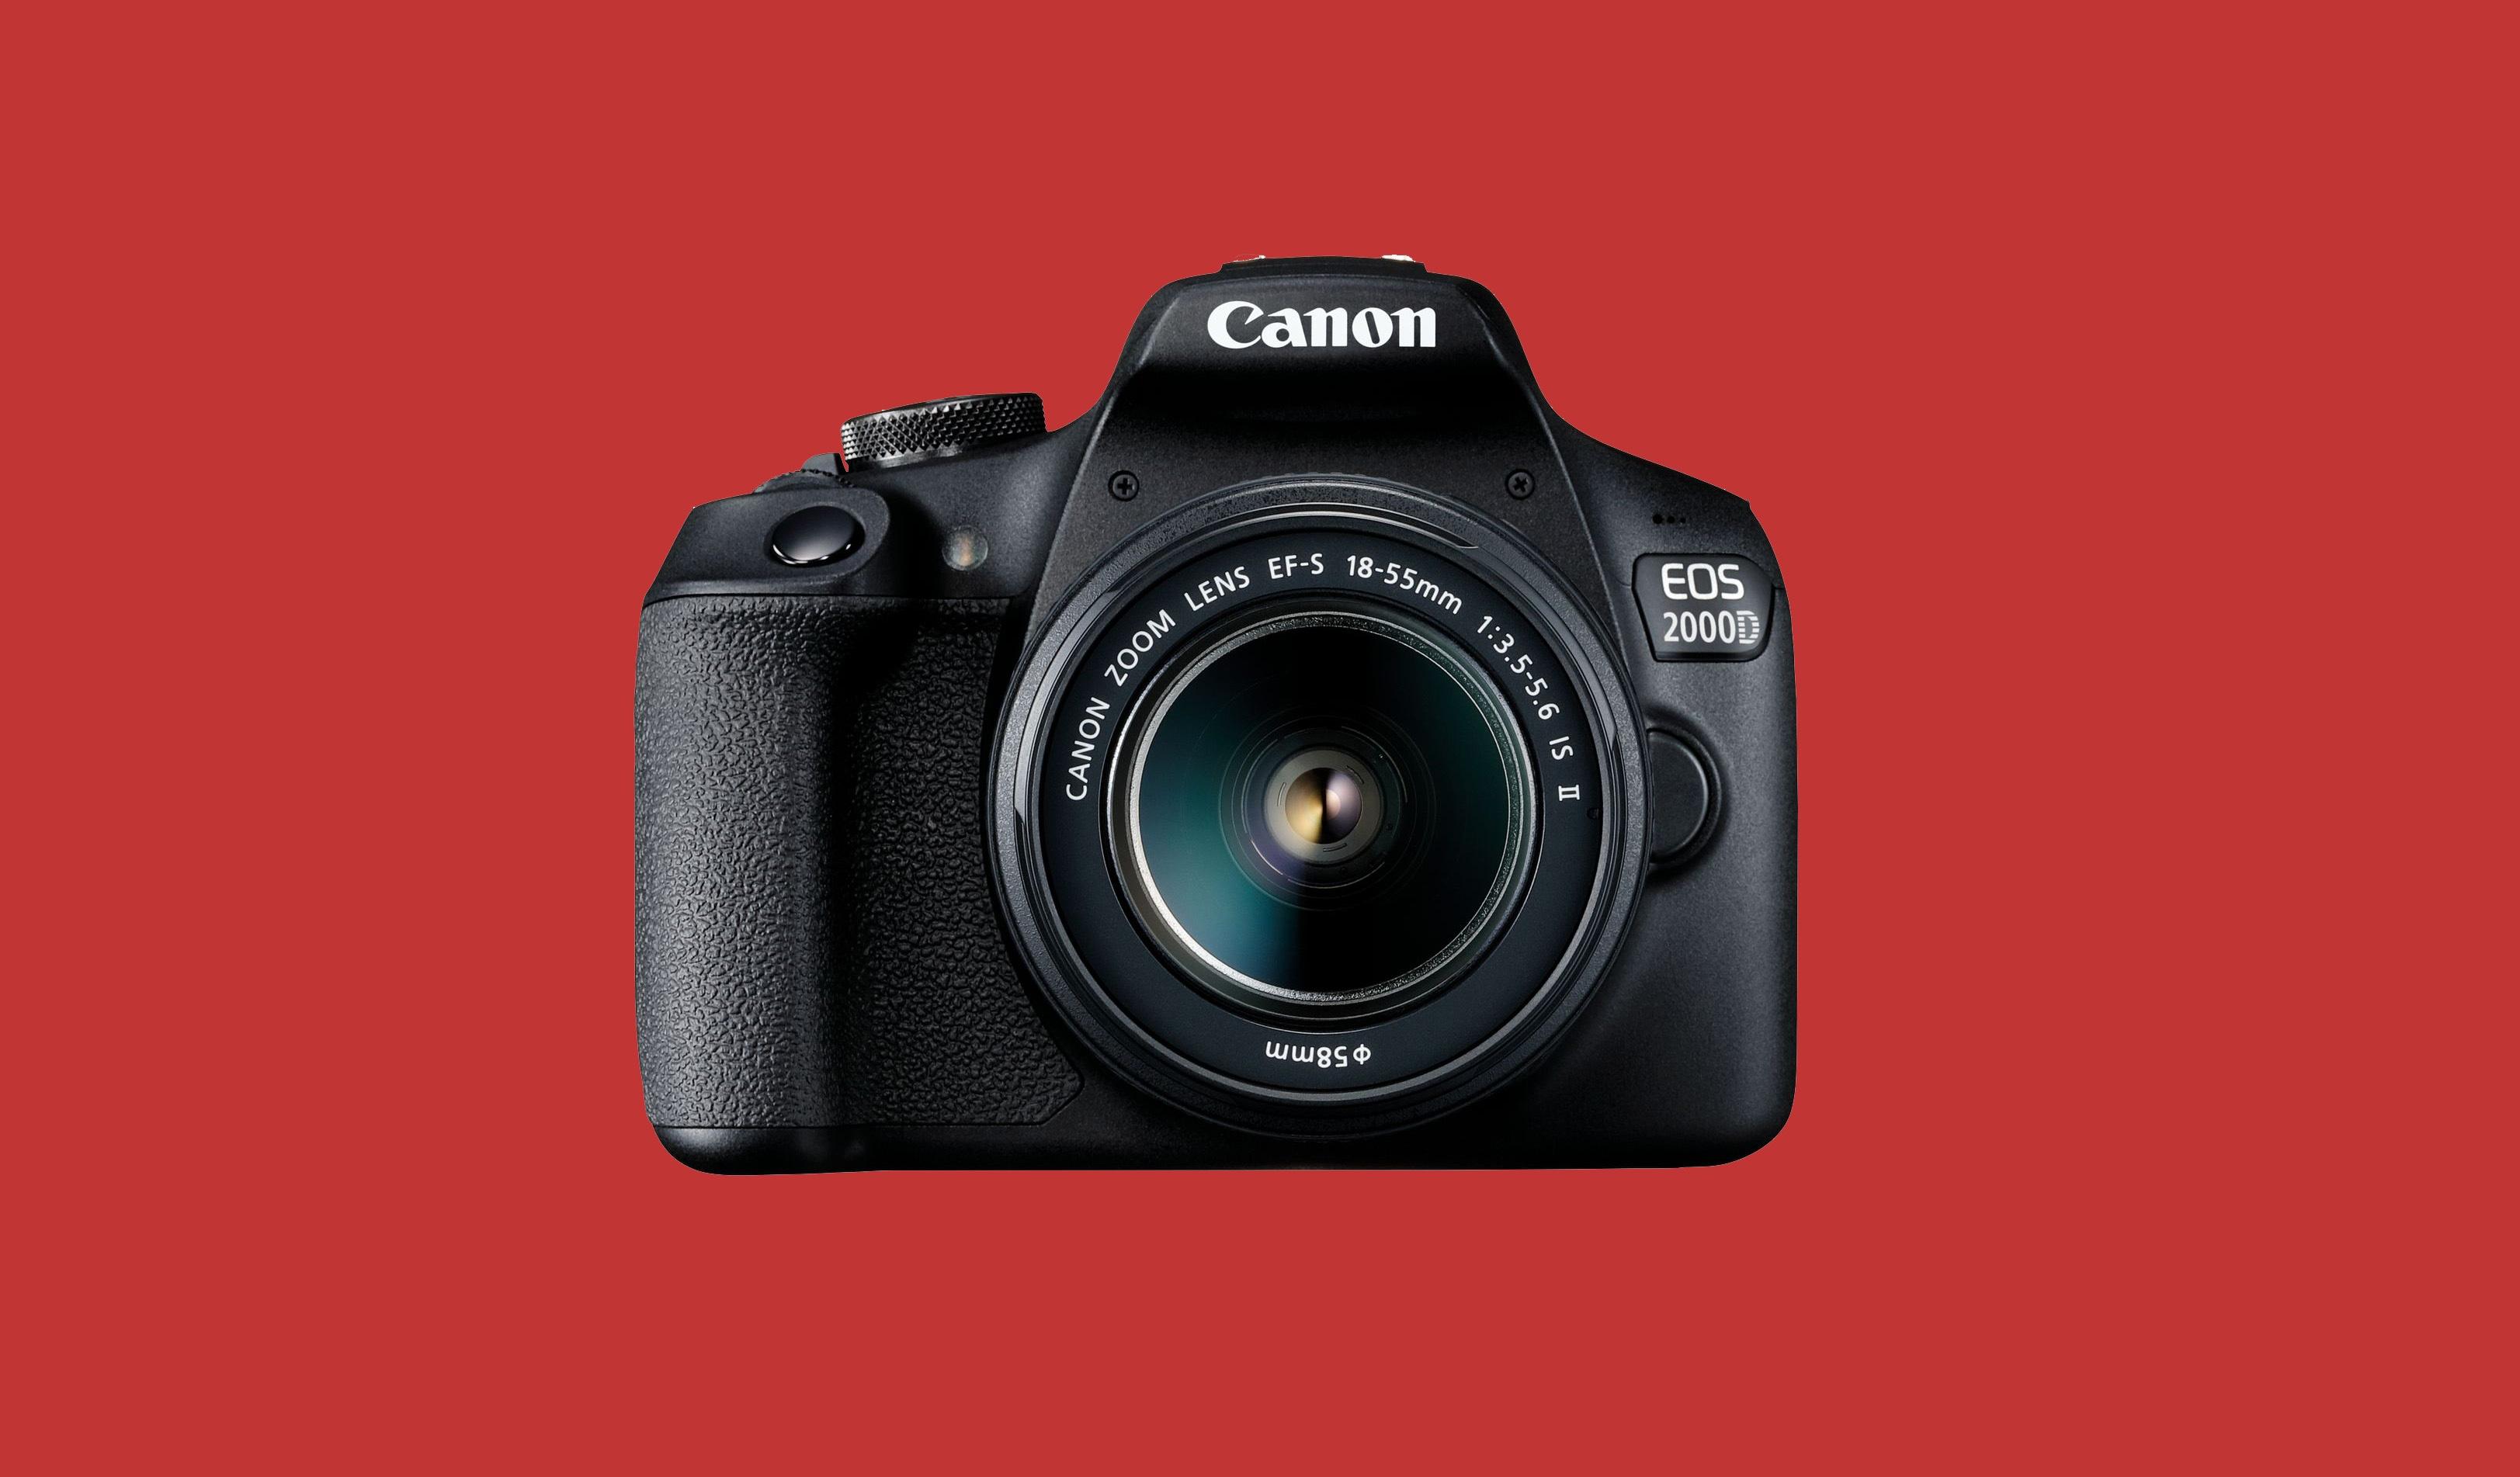 offerte -Canon EOS 2000D in sconto a 297€ su Amazon: ecco la ...